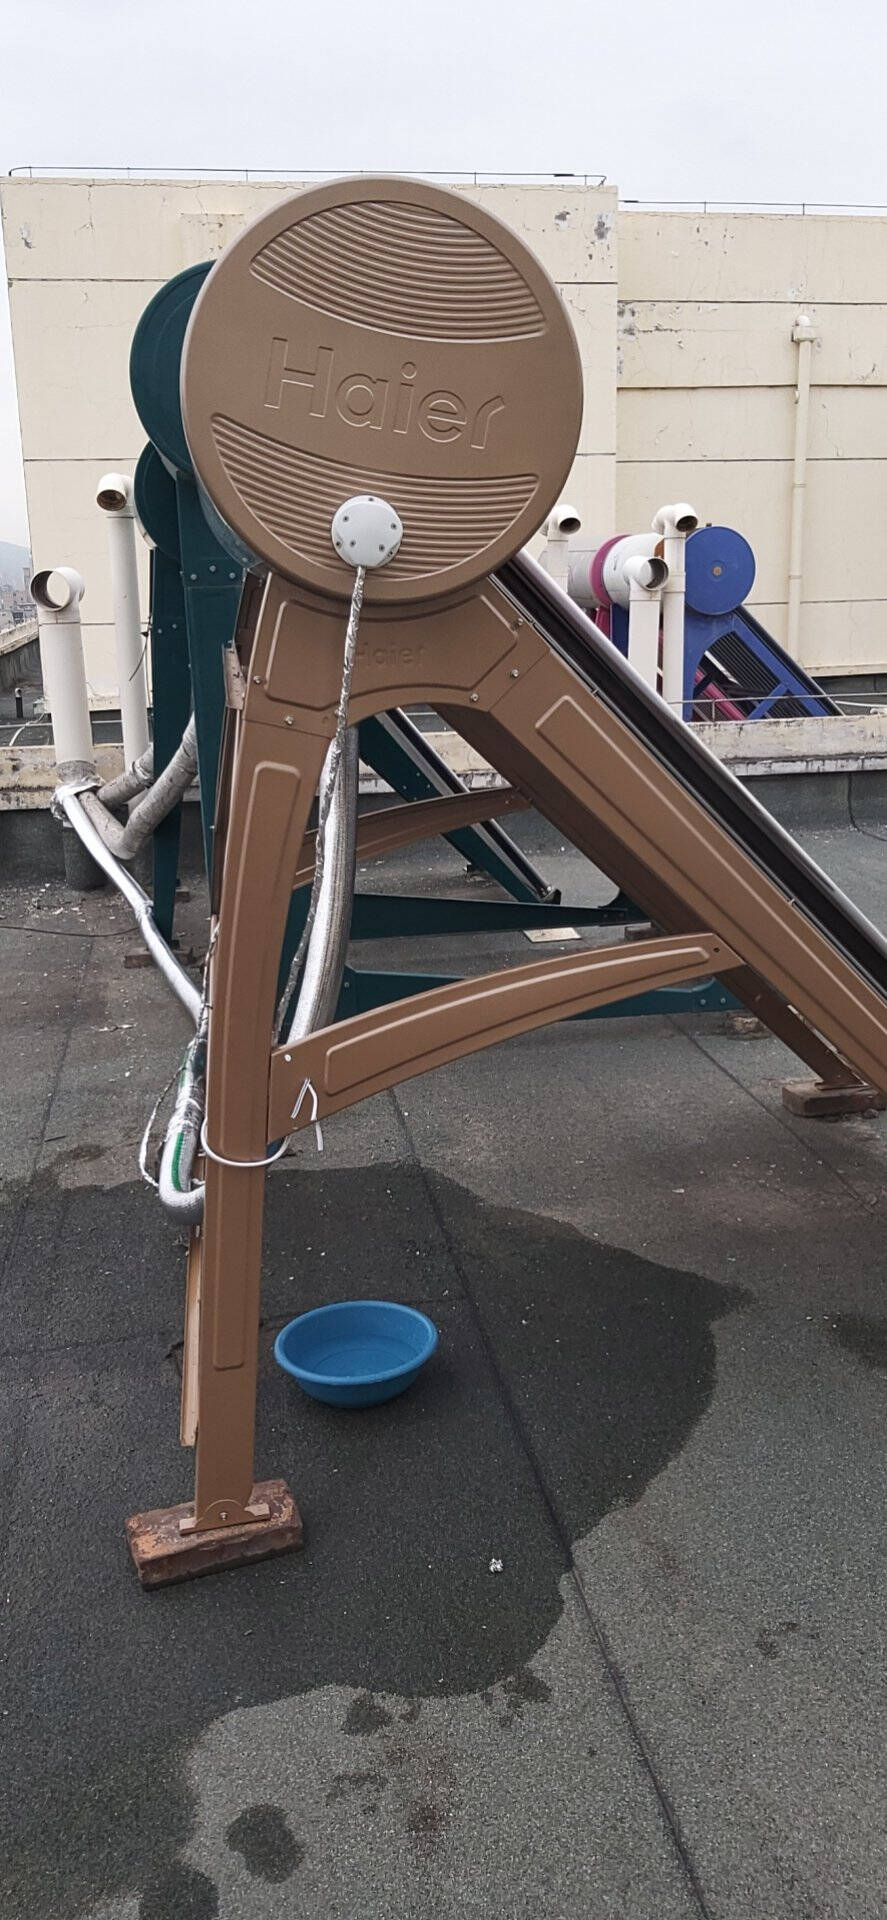 海尔(Haier)太阳能热水器家用全自动上水光电两用带电辅WIFI控制一级能效暖立方高保温Ι6旗舰款32管-245升(3-12人用)